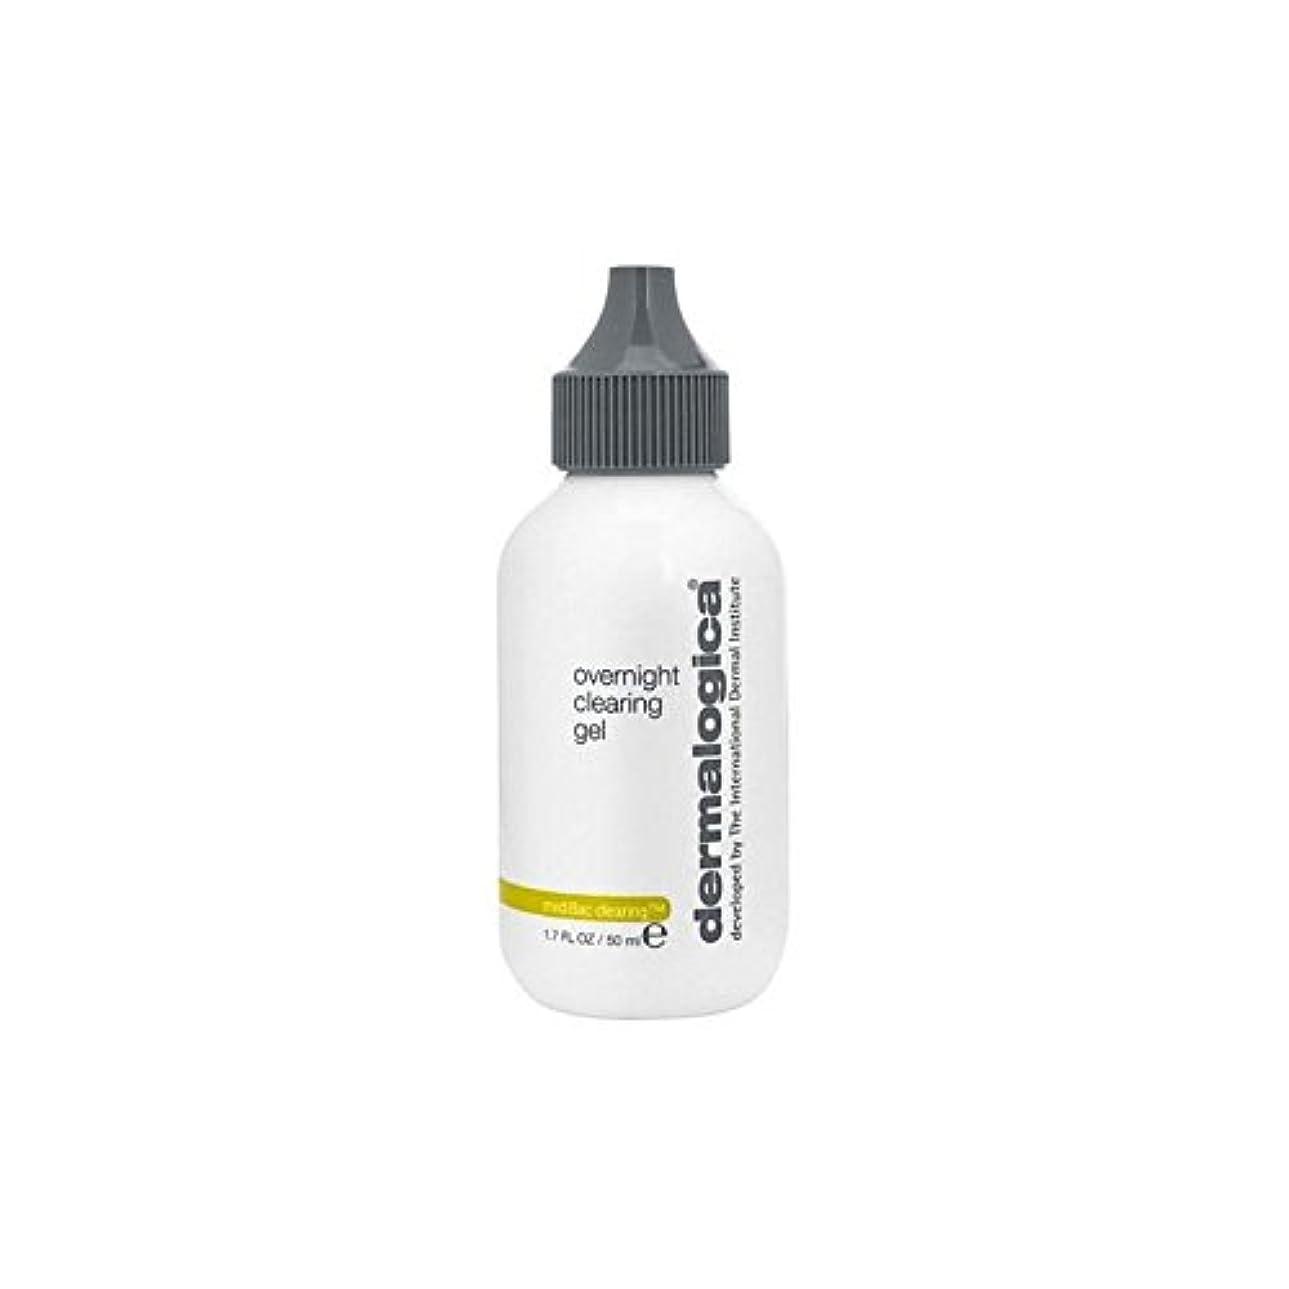 フェザー人工鎖ダーマロジカ一晩透明ゲル(50)中 x2 - Dermalogica Medibac Overnight Clearing Gel (50ml) (Pack of 2) [並行輸入品]